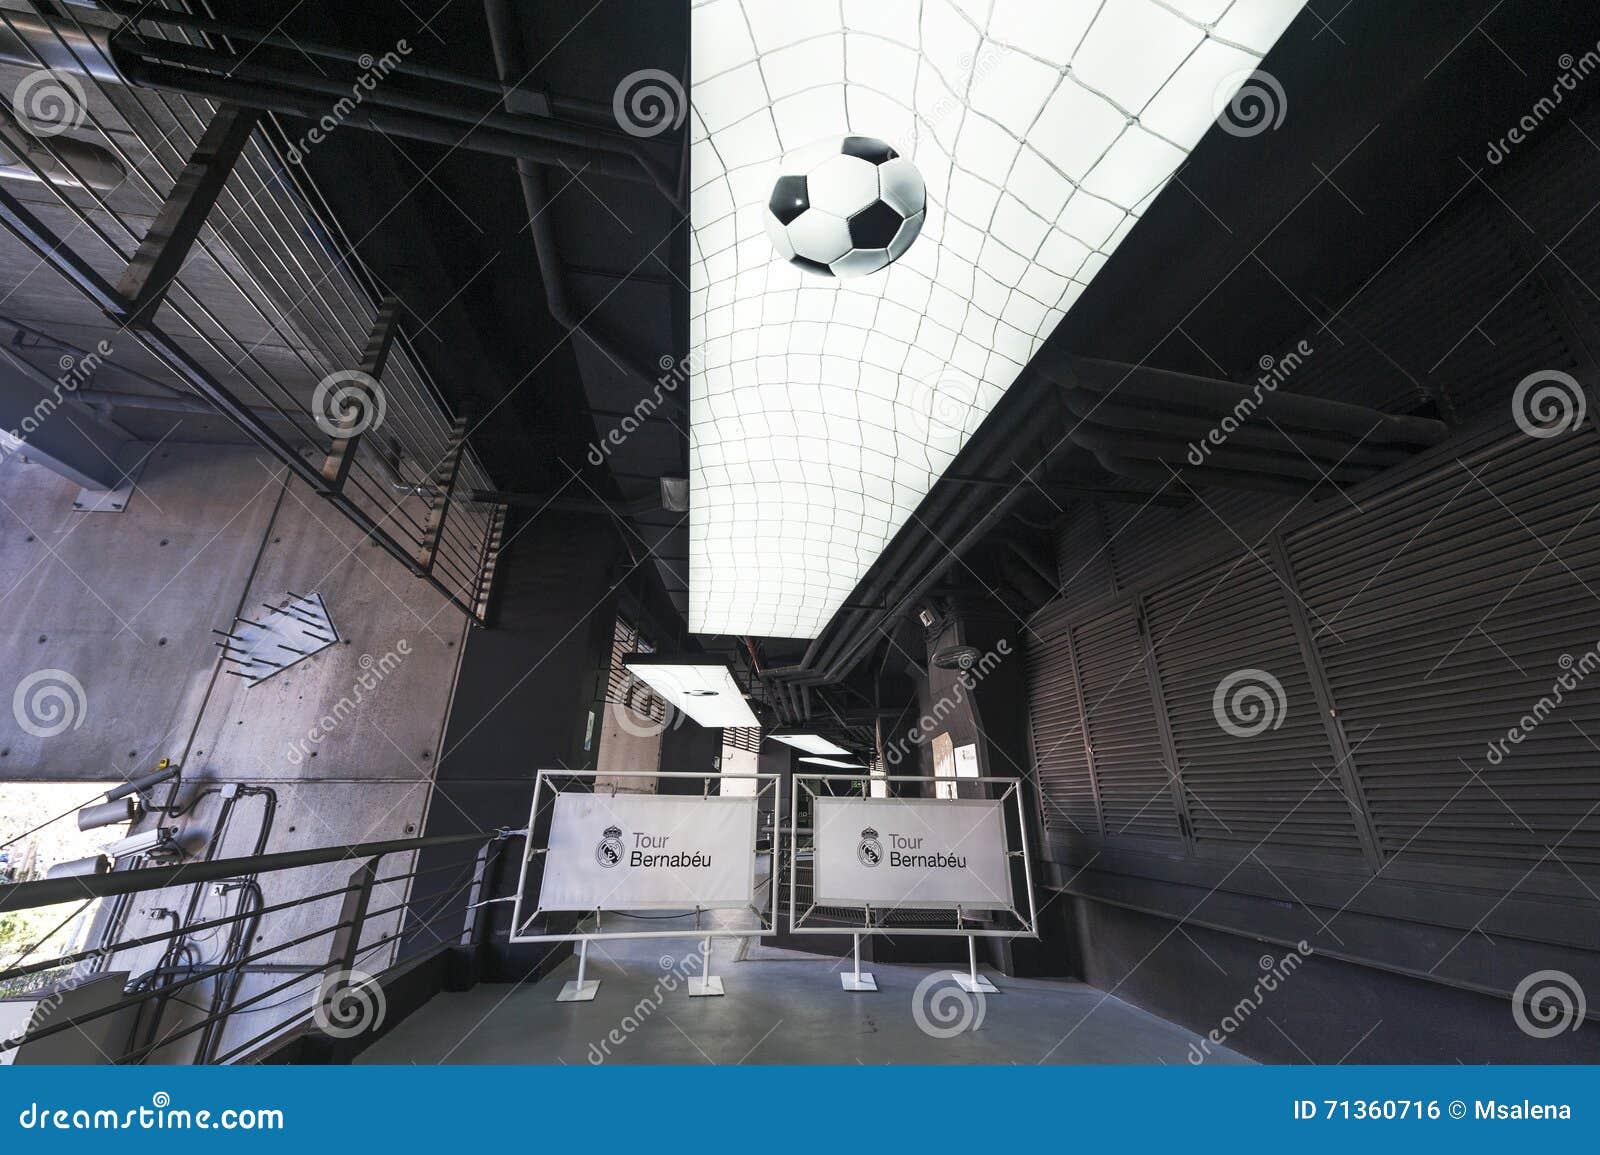 At Santiago Bernabeu Stadium